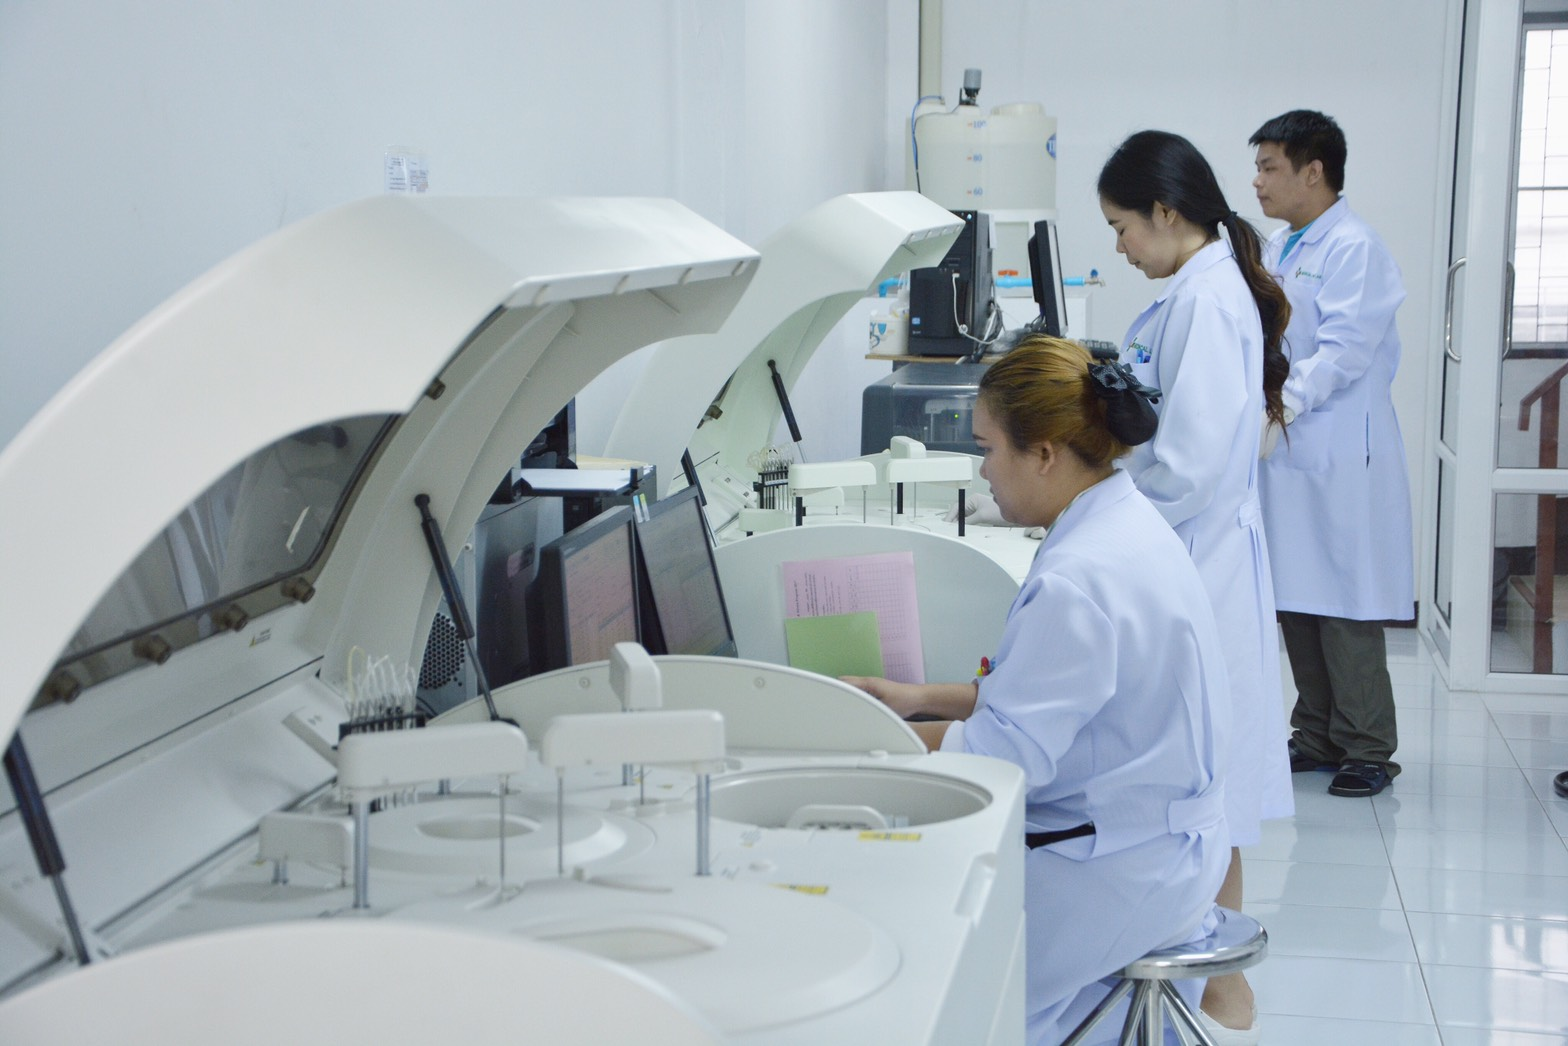 ห้องปฏิบัติการทางการแพทย์ medical line lab